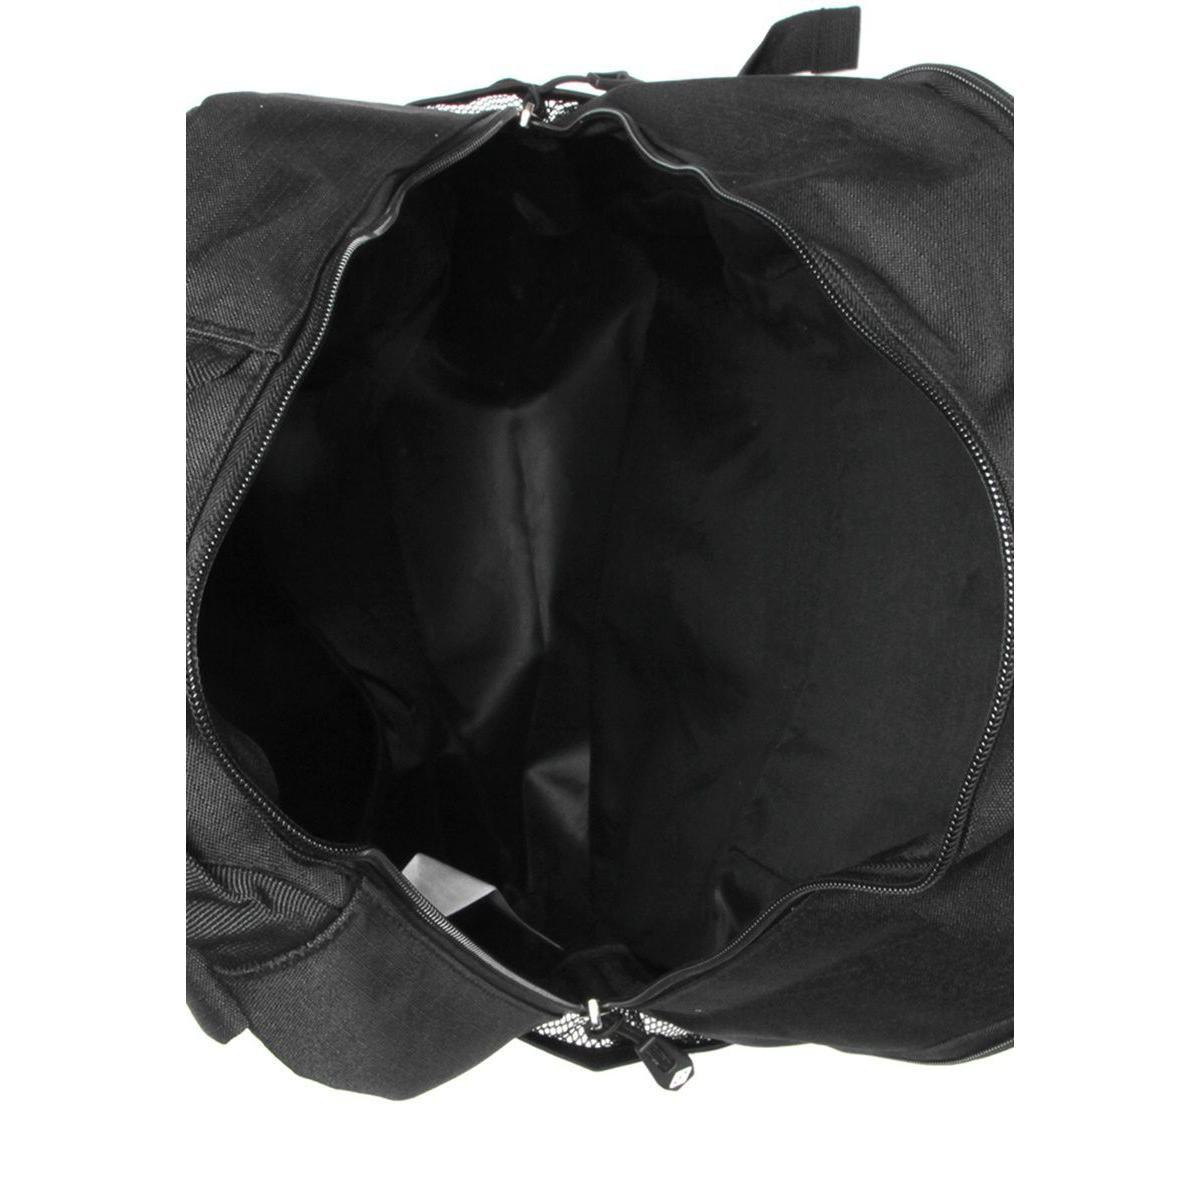 9ee1dd0c28 Mochila Umbro Speciali Liga 2 Com Porta Notebook - Preto - Compre ...